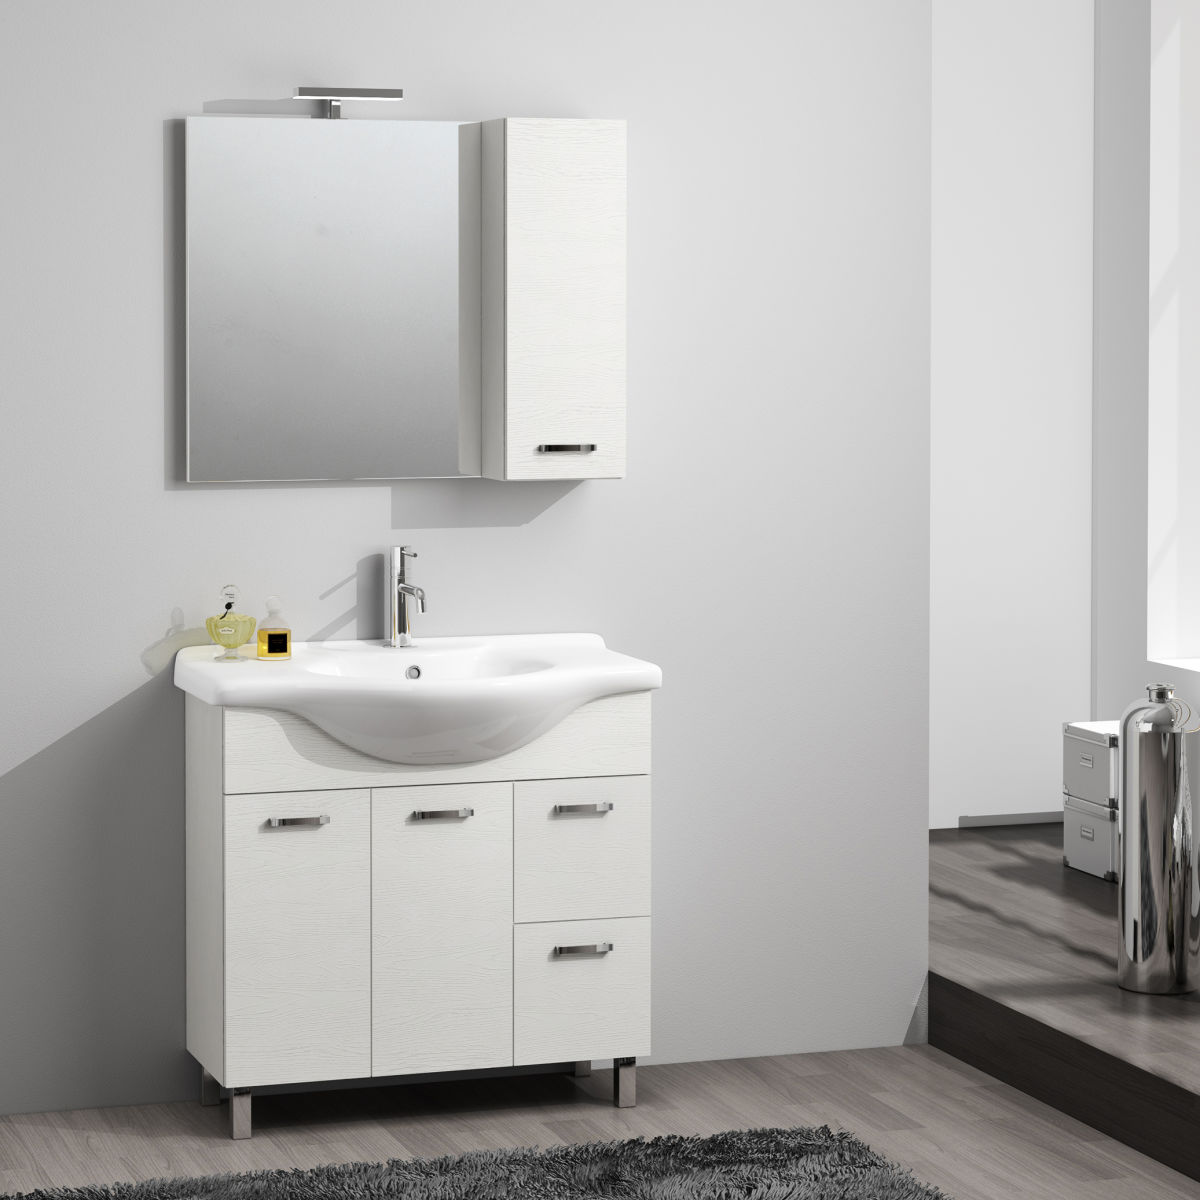 Mobili bagno sospesi doppio lavabo finest gallery of for Prezzi lavabo bagno